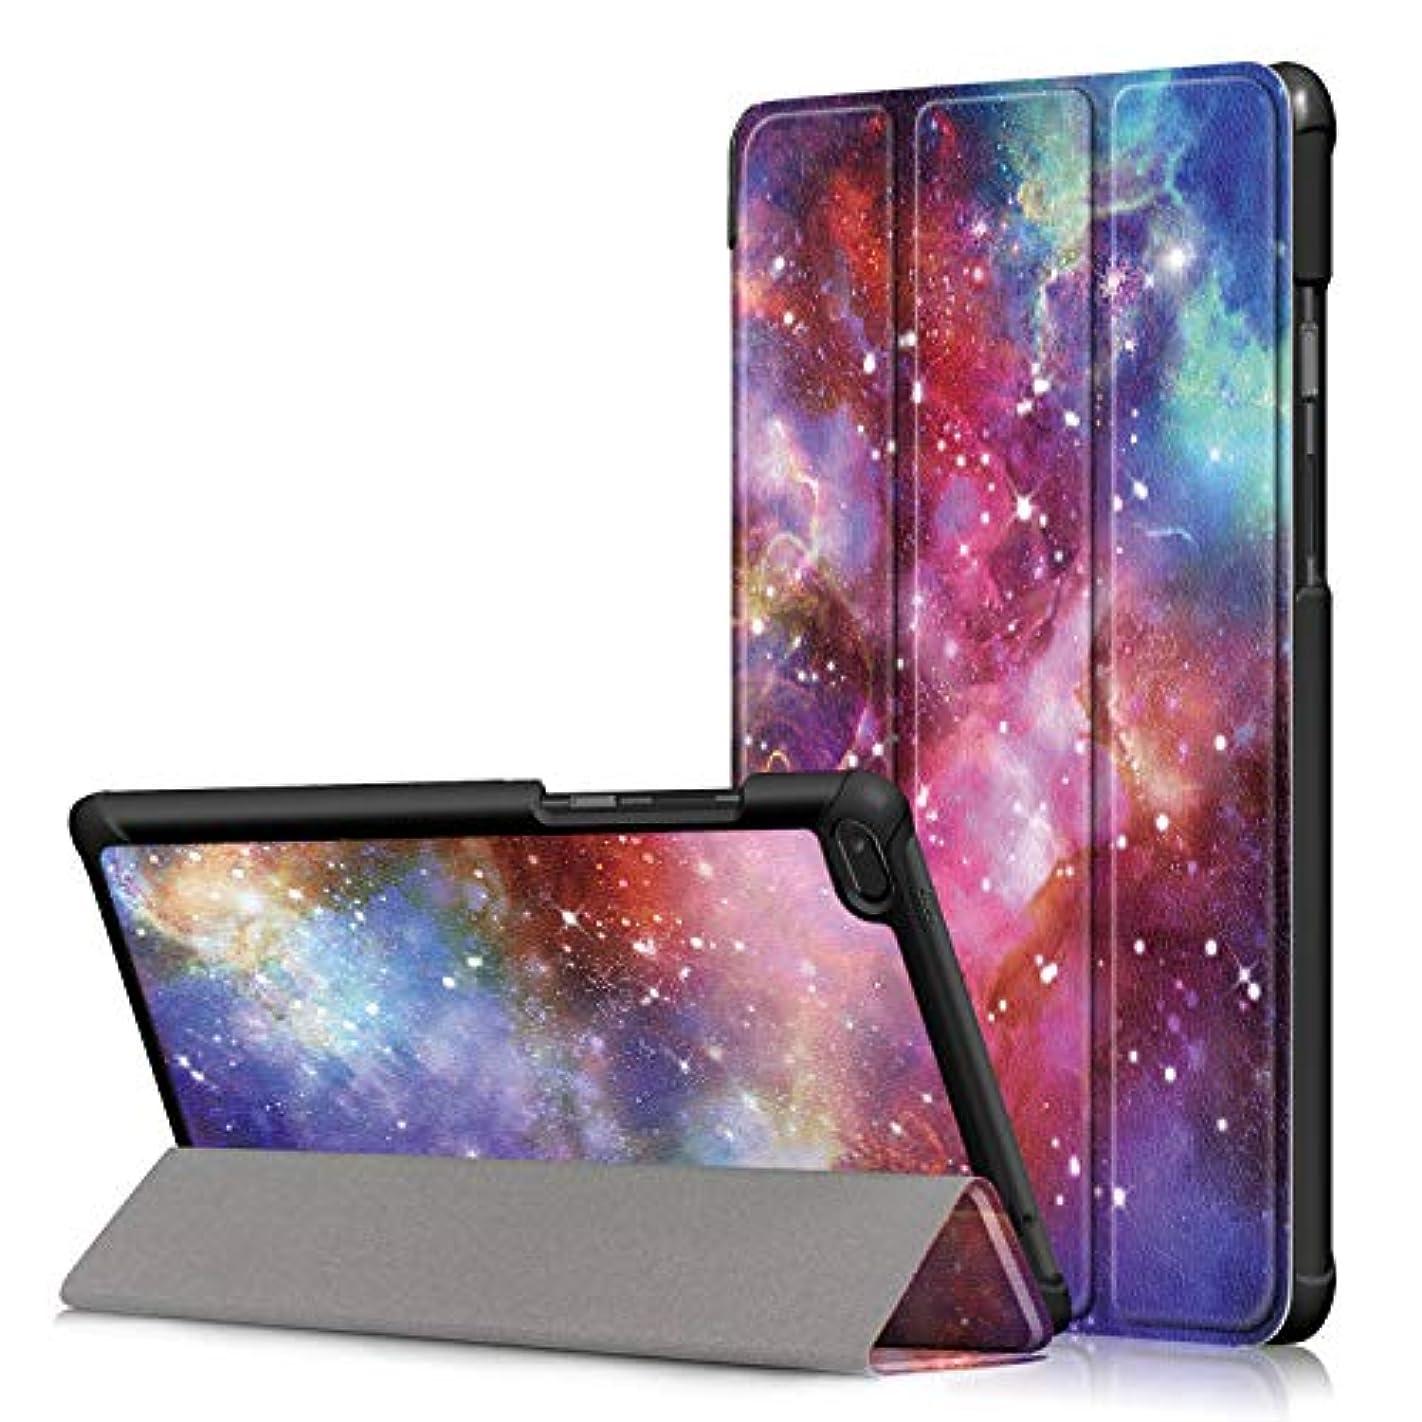 カールマットレス引数Asng Lenovo Tab E8 ケース Lenovo Tab E8 カバー 三つ折スタンドカバー マグネット開閉式オートースリップケース 極薄型 傷つけ防止ケース (Galaxy)